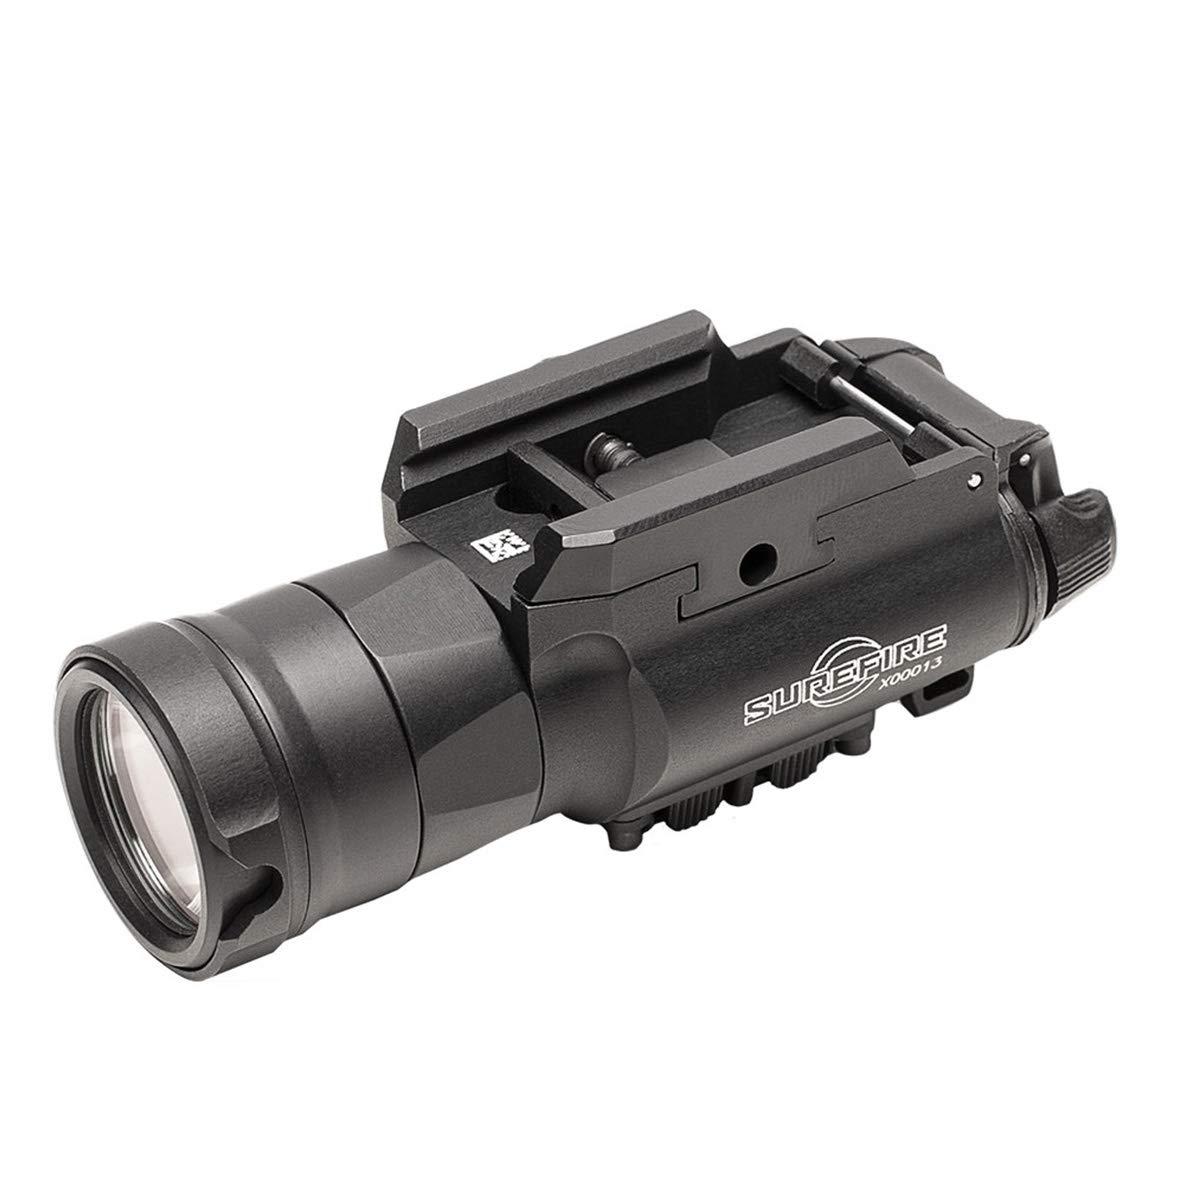 SUREFIRE シュアファイア XH30 LEDウェポンライト/フラッシュライト 1000ルーメン for MASTERFIRE Rapid Deploy Holster【クーポン対象外】 B07QPTWNT2 ブラック